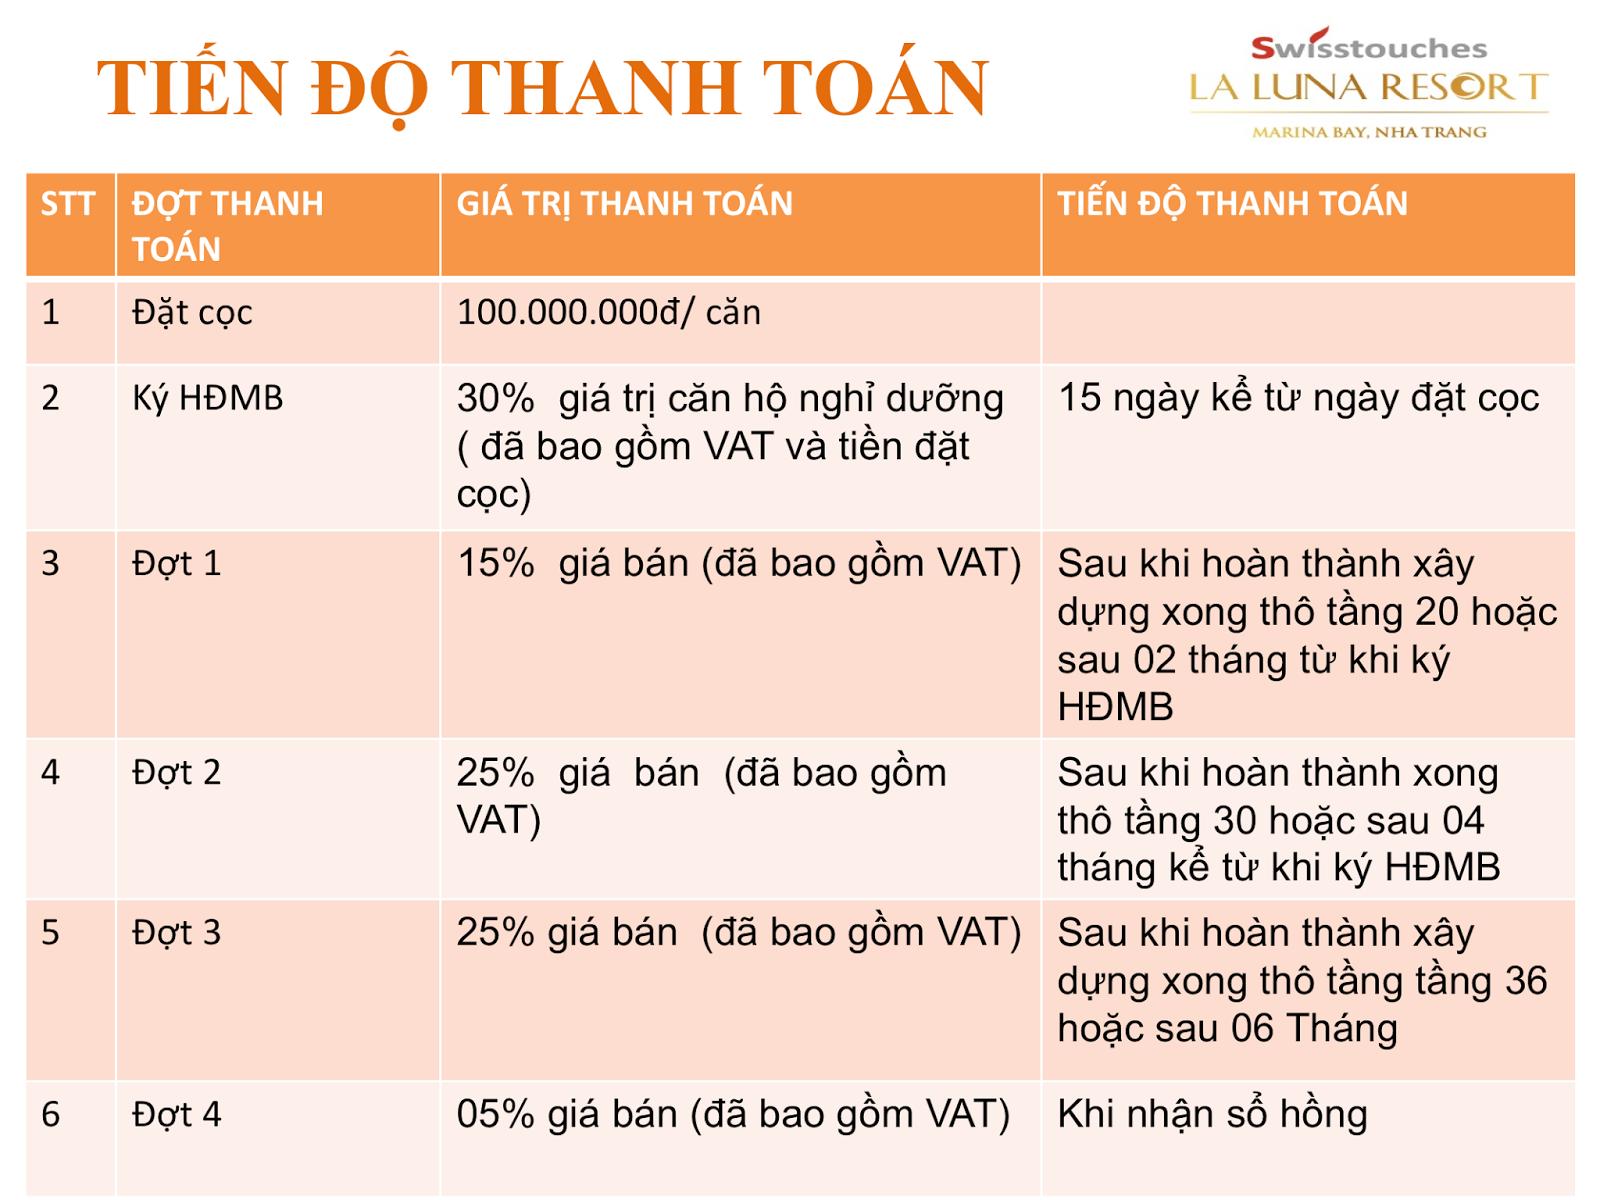 Tiến độ thanh toán La Luna Resort Nha Trang